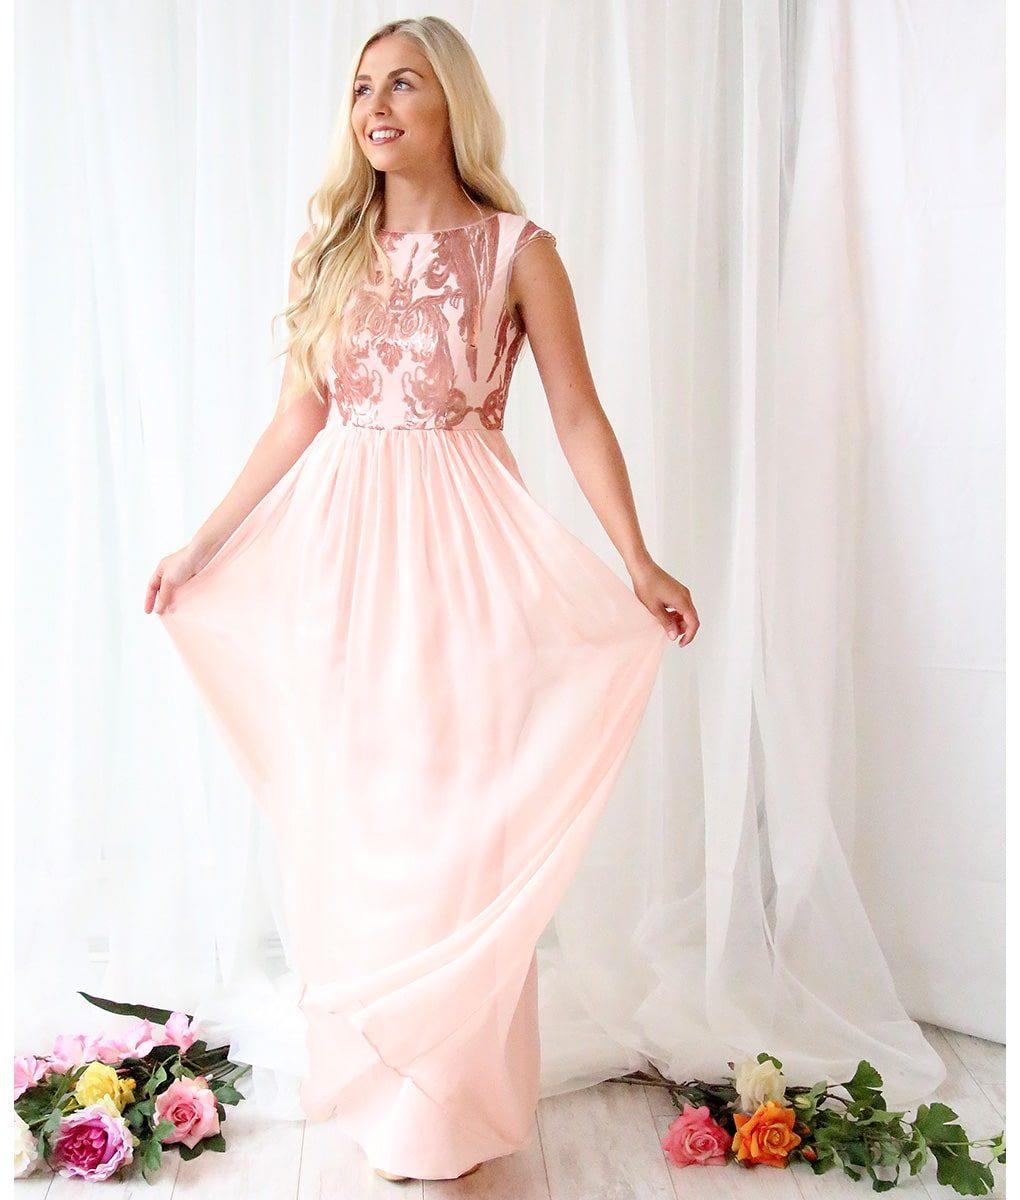 Bariano Blush Gown | Alila Boutique